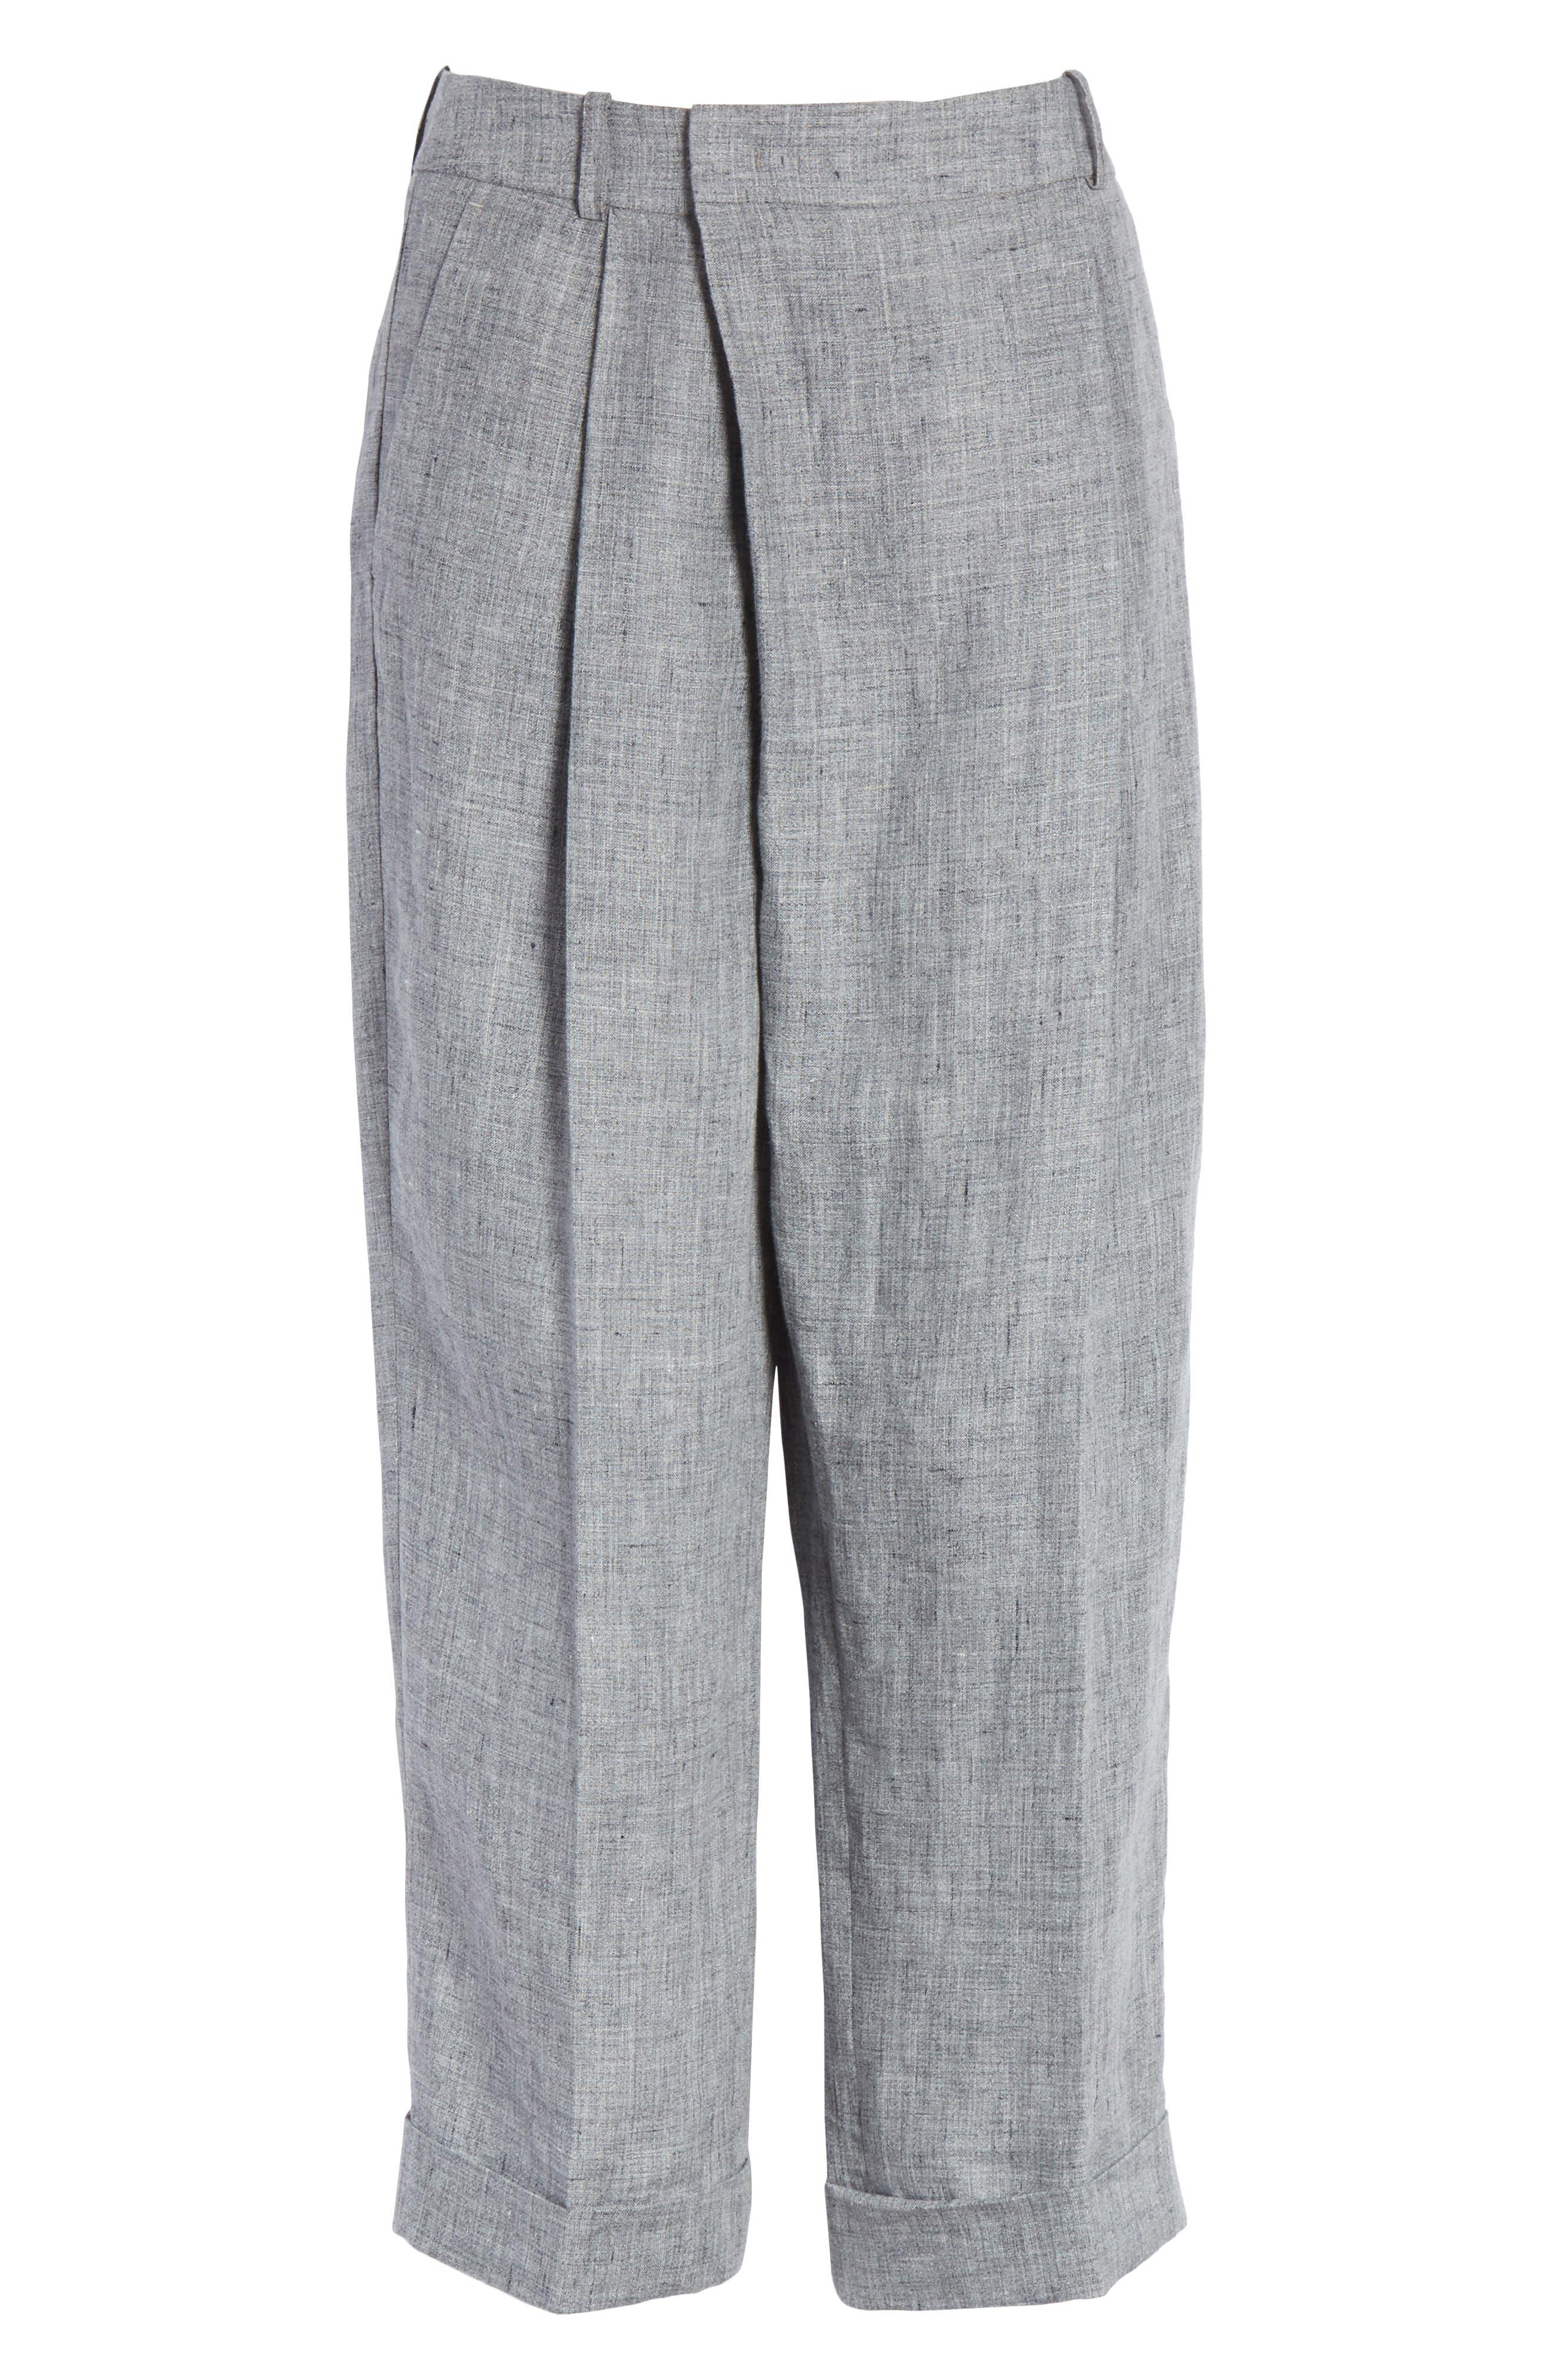 Cross Front Linen Crop Trousers,                             Alternate thumbnail 6, color,                             020